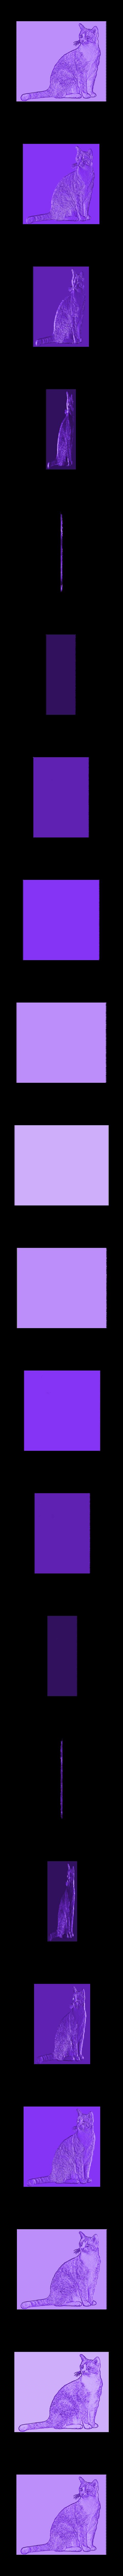 cat.stl Télécharger fichier STL gratuit Dessin Cat 3D • Design pour imprimante 3D, 3dlito